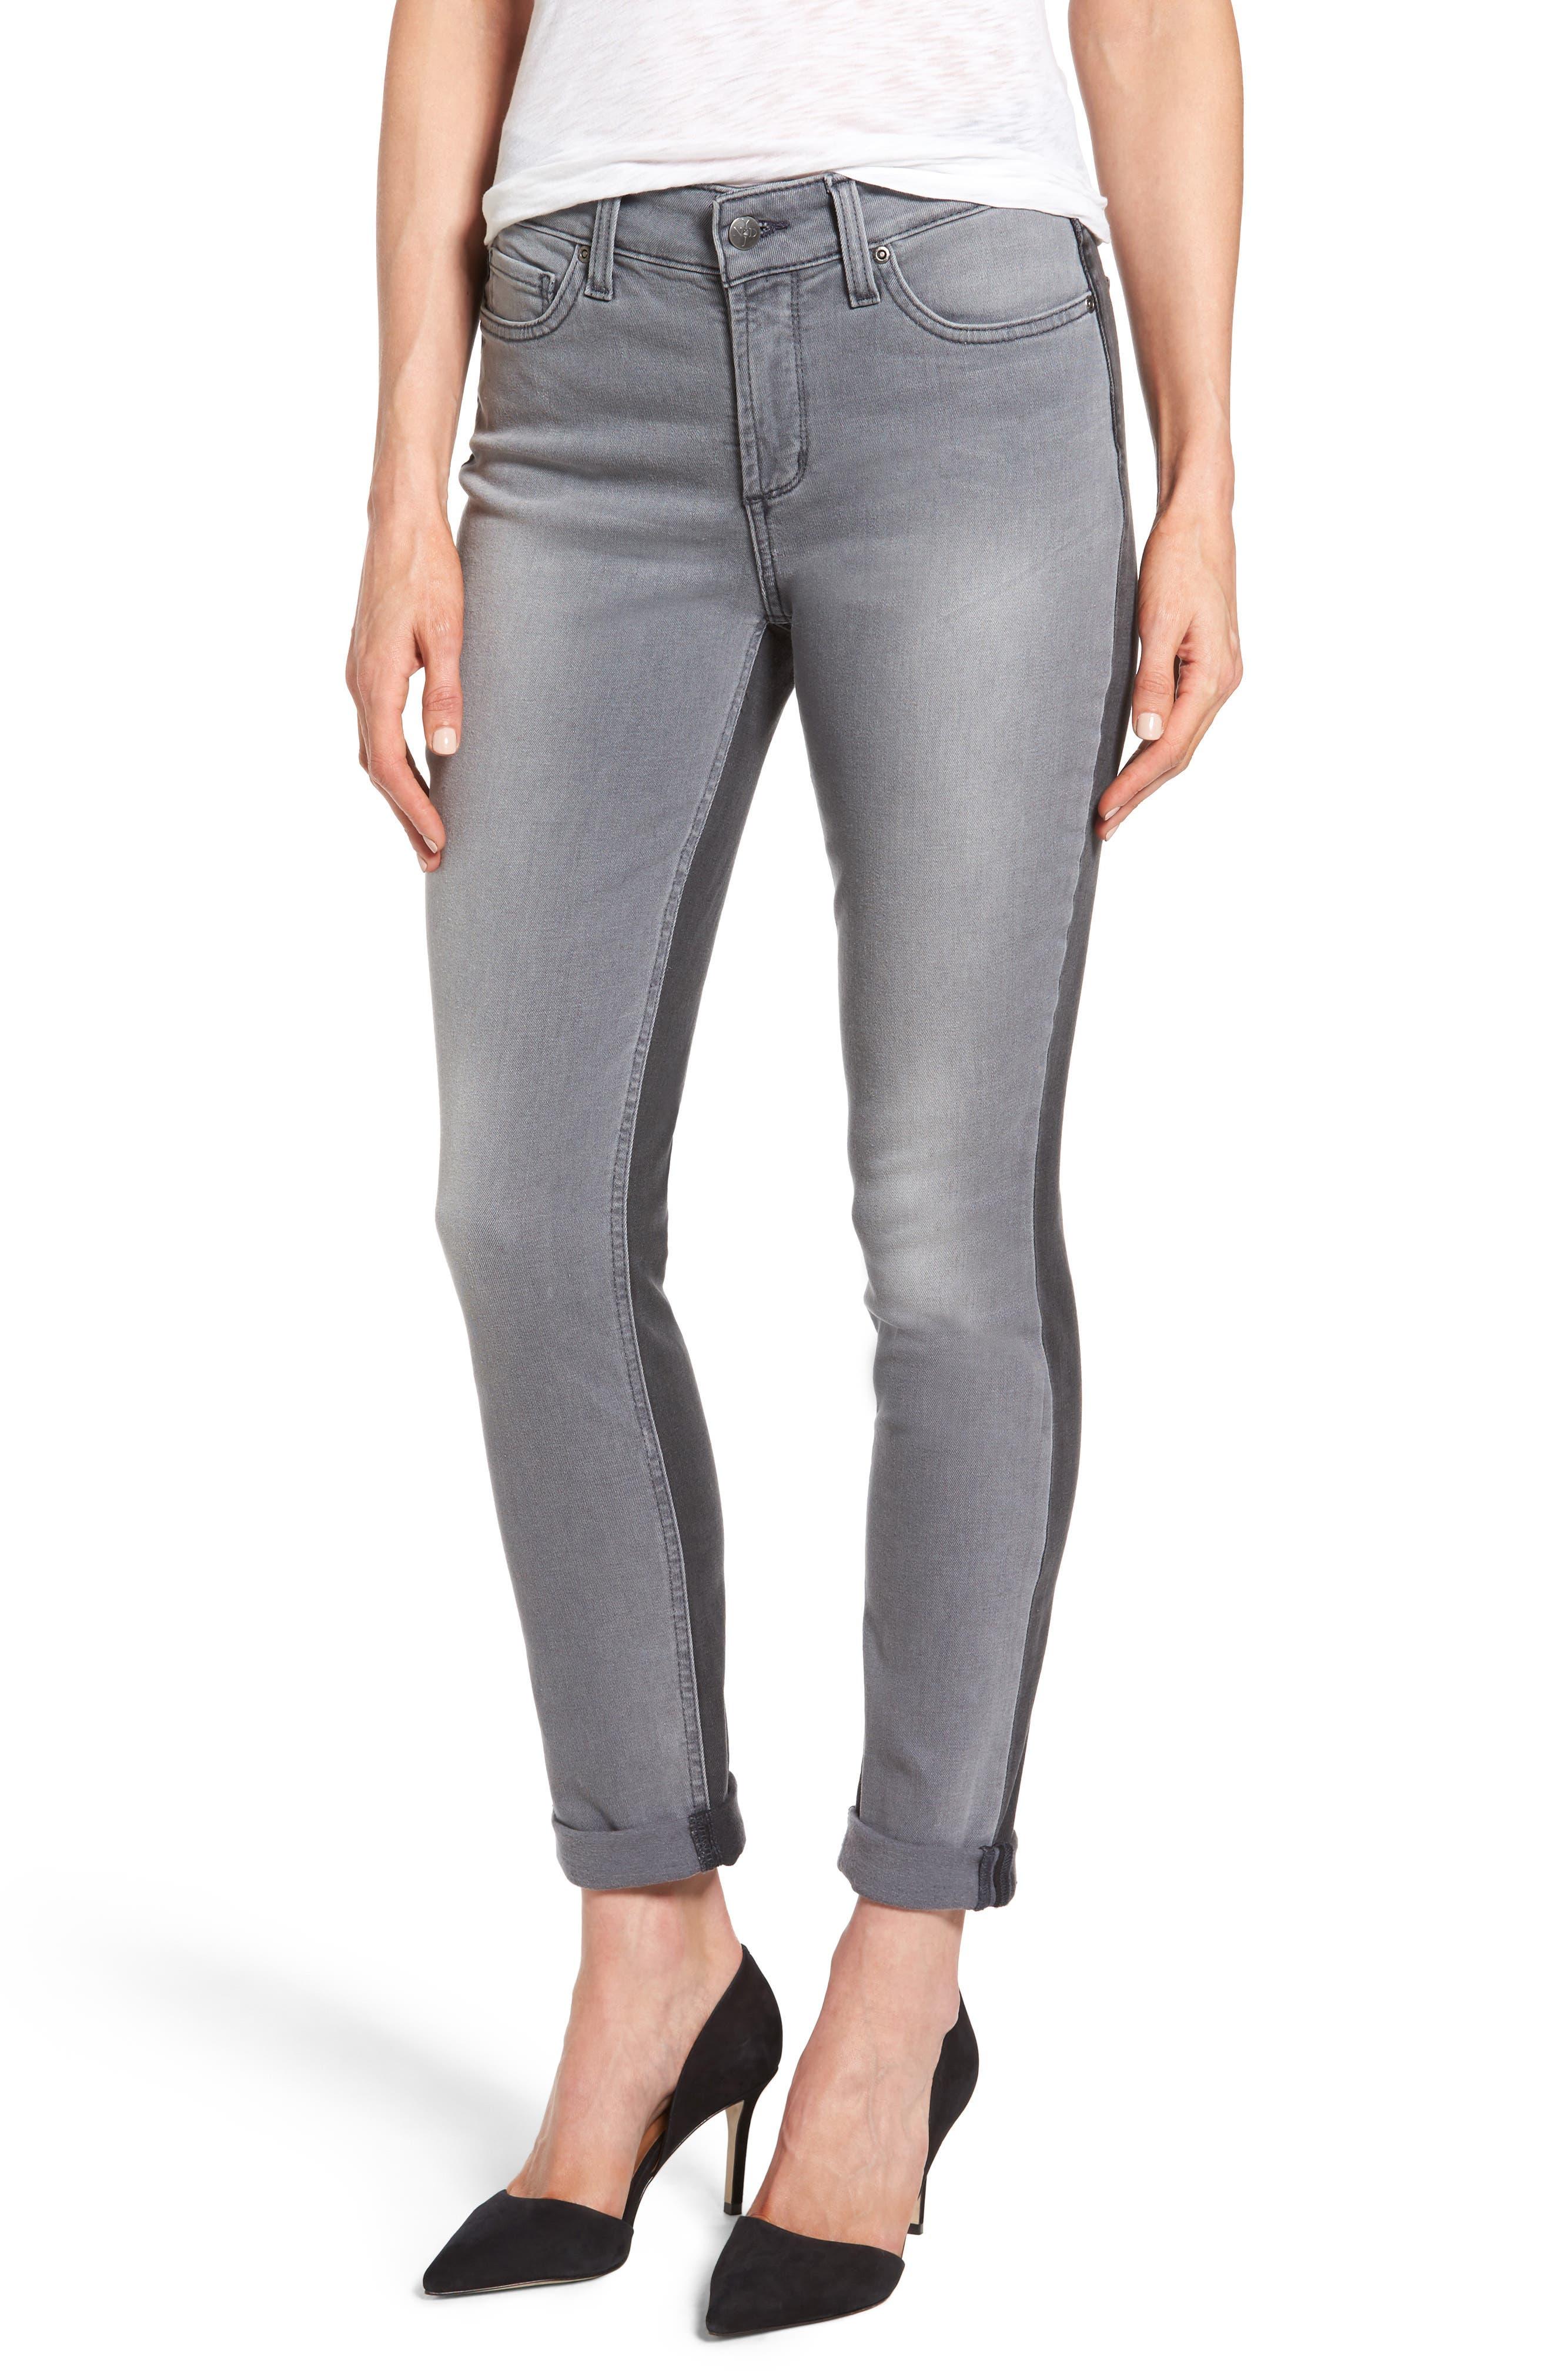 Main Image - NYDJ Two Tone Stretch Girlfriend Jeans (Cassiar)